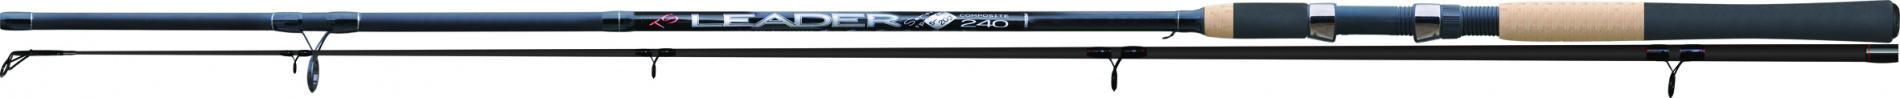 Спиннинг шт. SWD LEADER spin 2,4м композит, SIC (300-500г)Спинниги<br>Штекерный спиннинг длиной 2,4м с тестом <br>300-500г, выполненный из композита. Комплектуется <br>качественными пропускными кольцами SIС. <br>Рукоять спиннинга выполнена из EVA. Несмотря <br>на не высокую цену, спиннинг обладает быстрым <br>строем, имеет высокую прочность. Рекомендуется <br>использовать при ловле хищника, как с берега, <br>так и с лодки.<br>